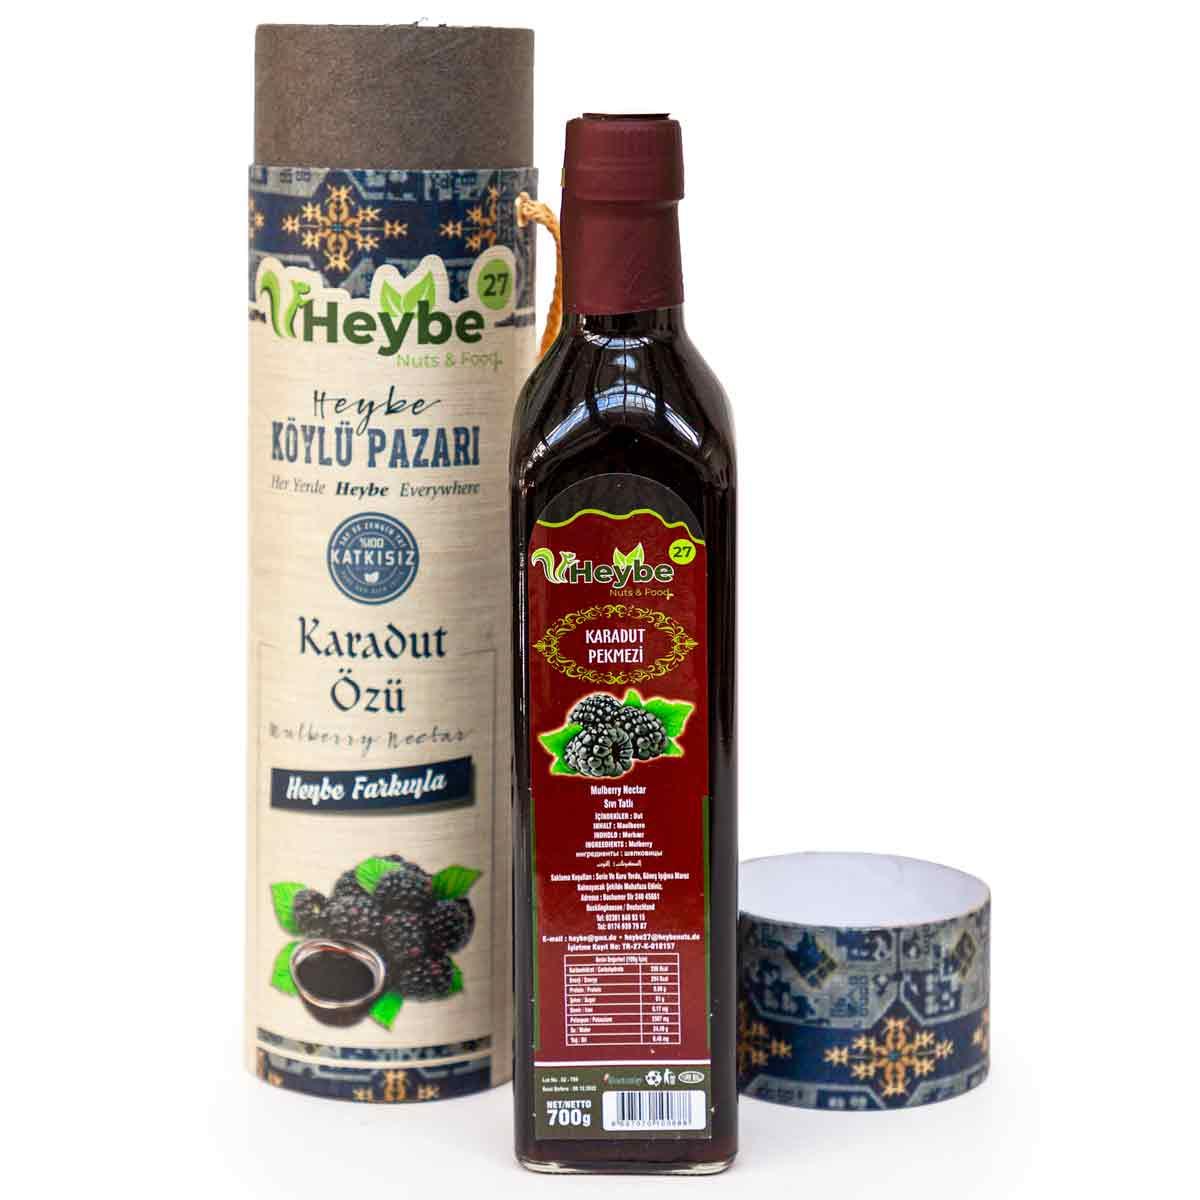 Heybe - schwarze Maulbeere Extrakt - karadut özü